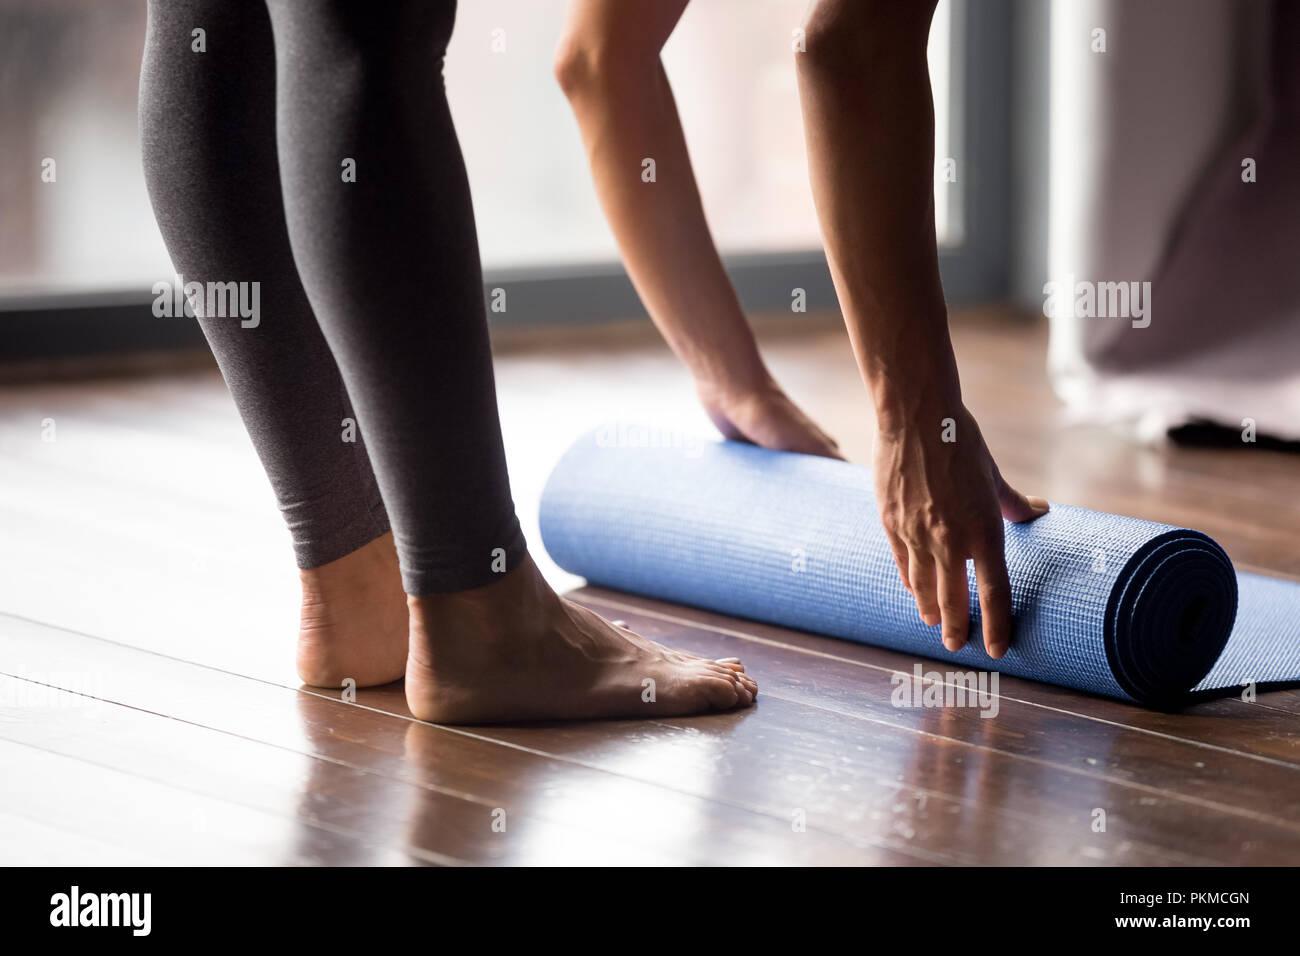 Mädchen rolling Yoga Matte für Meditation oder Fitness zu Hause Stockbild